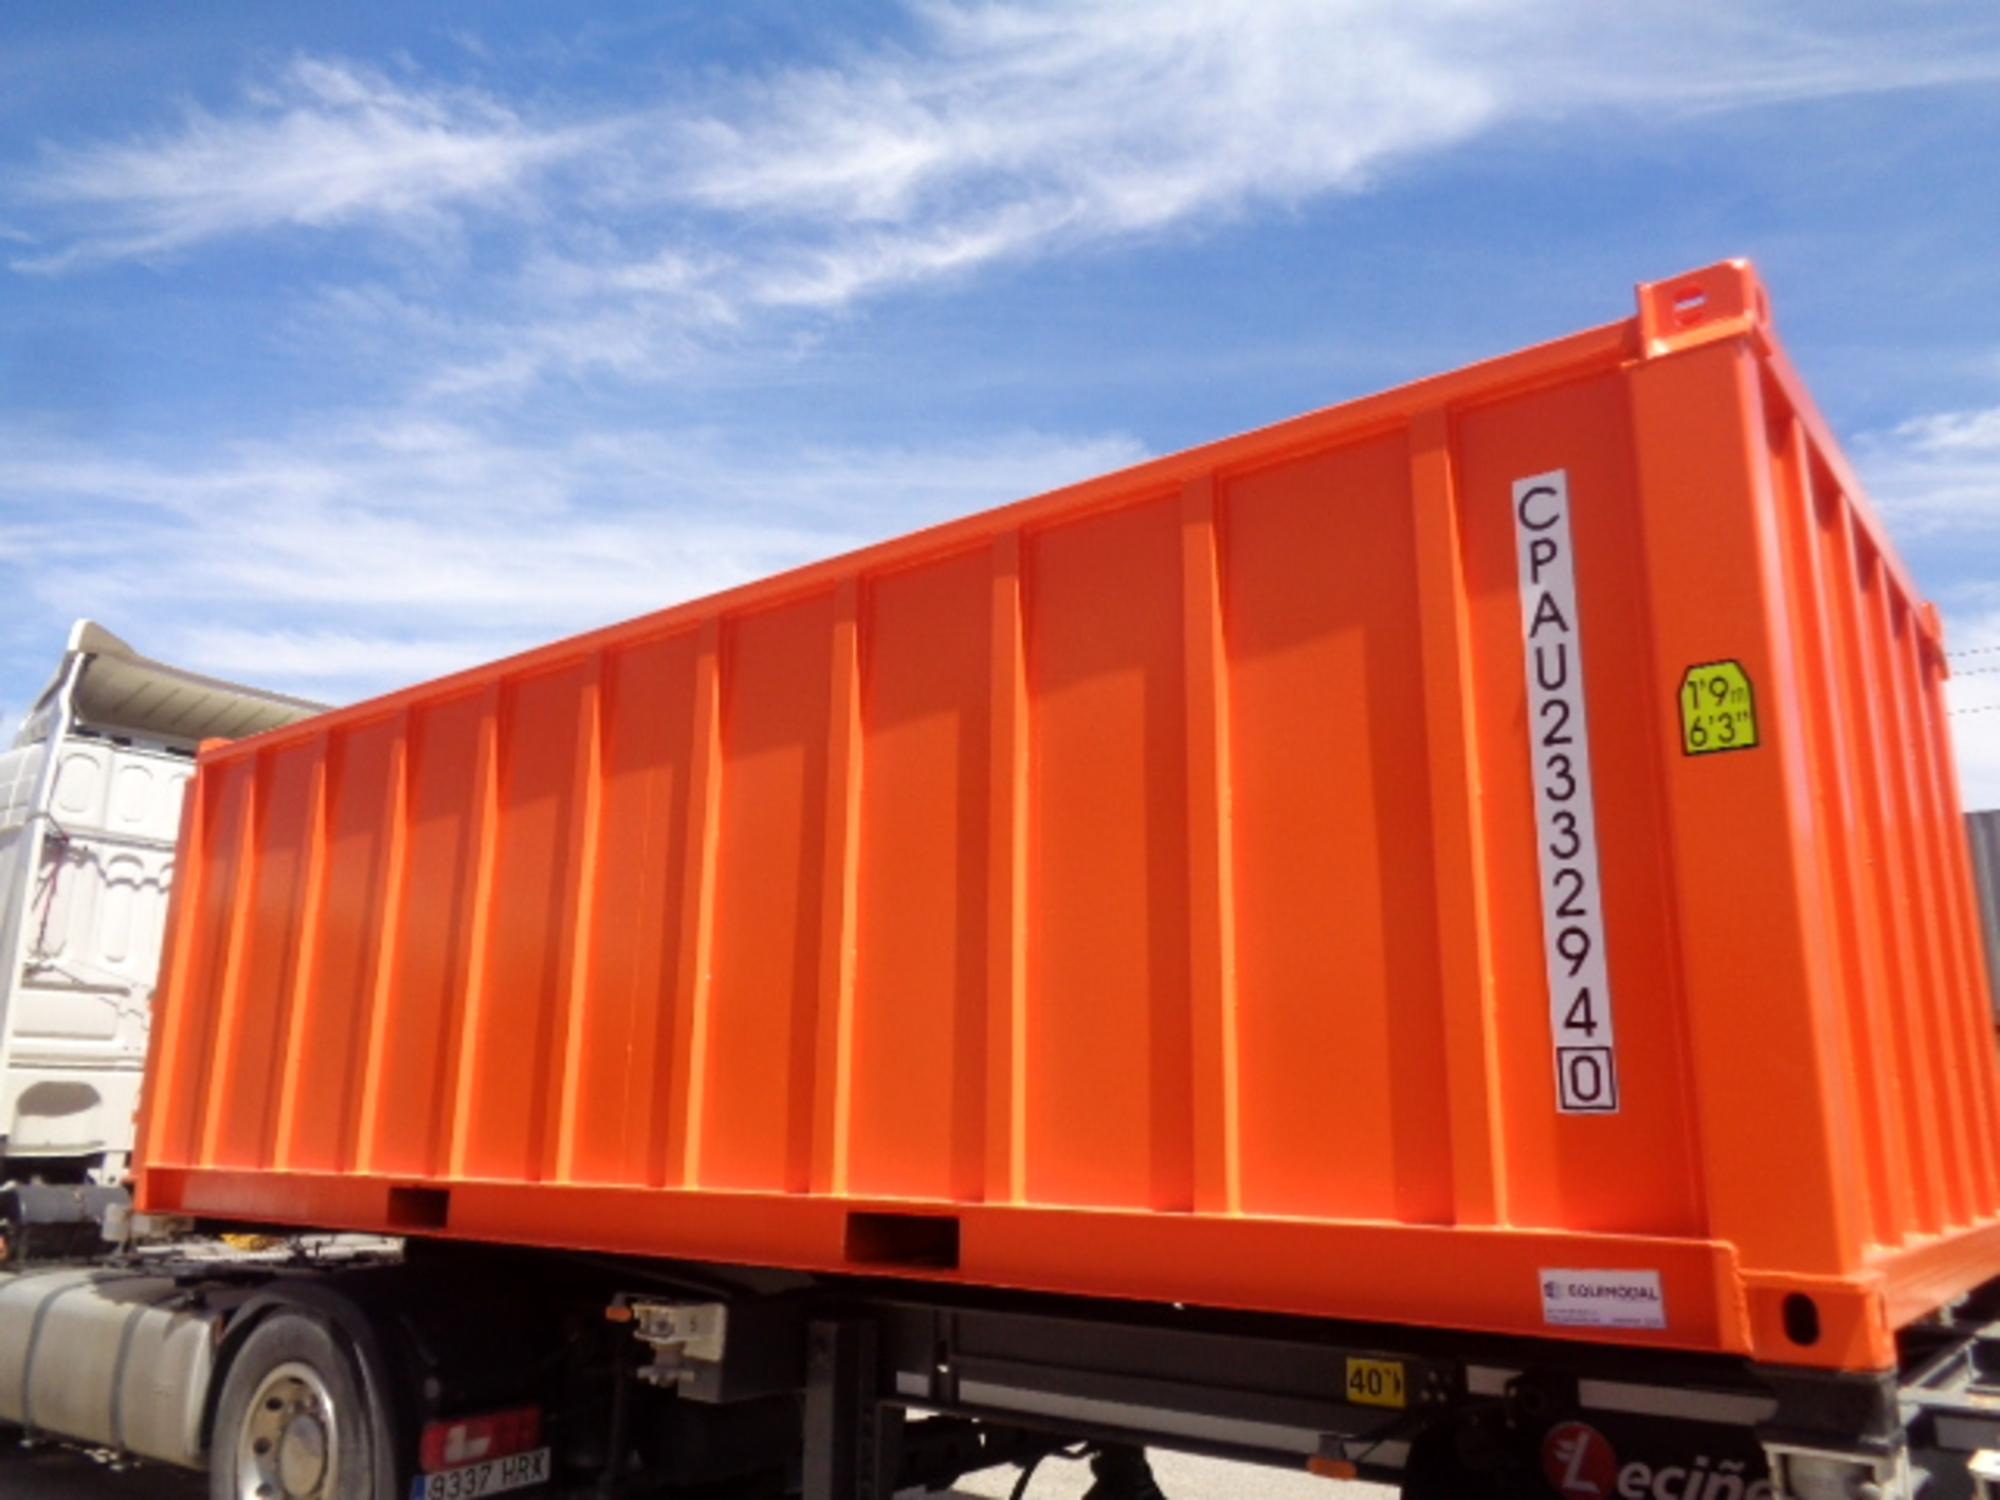 Vente de conteneurs multimodal Equimodal